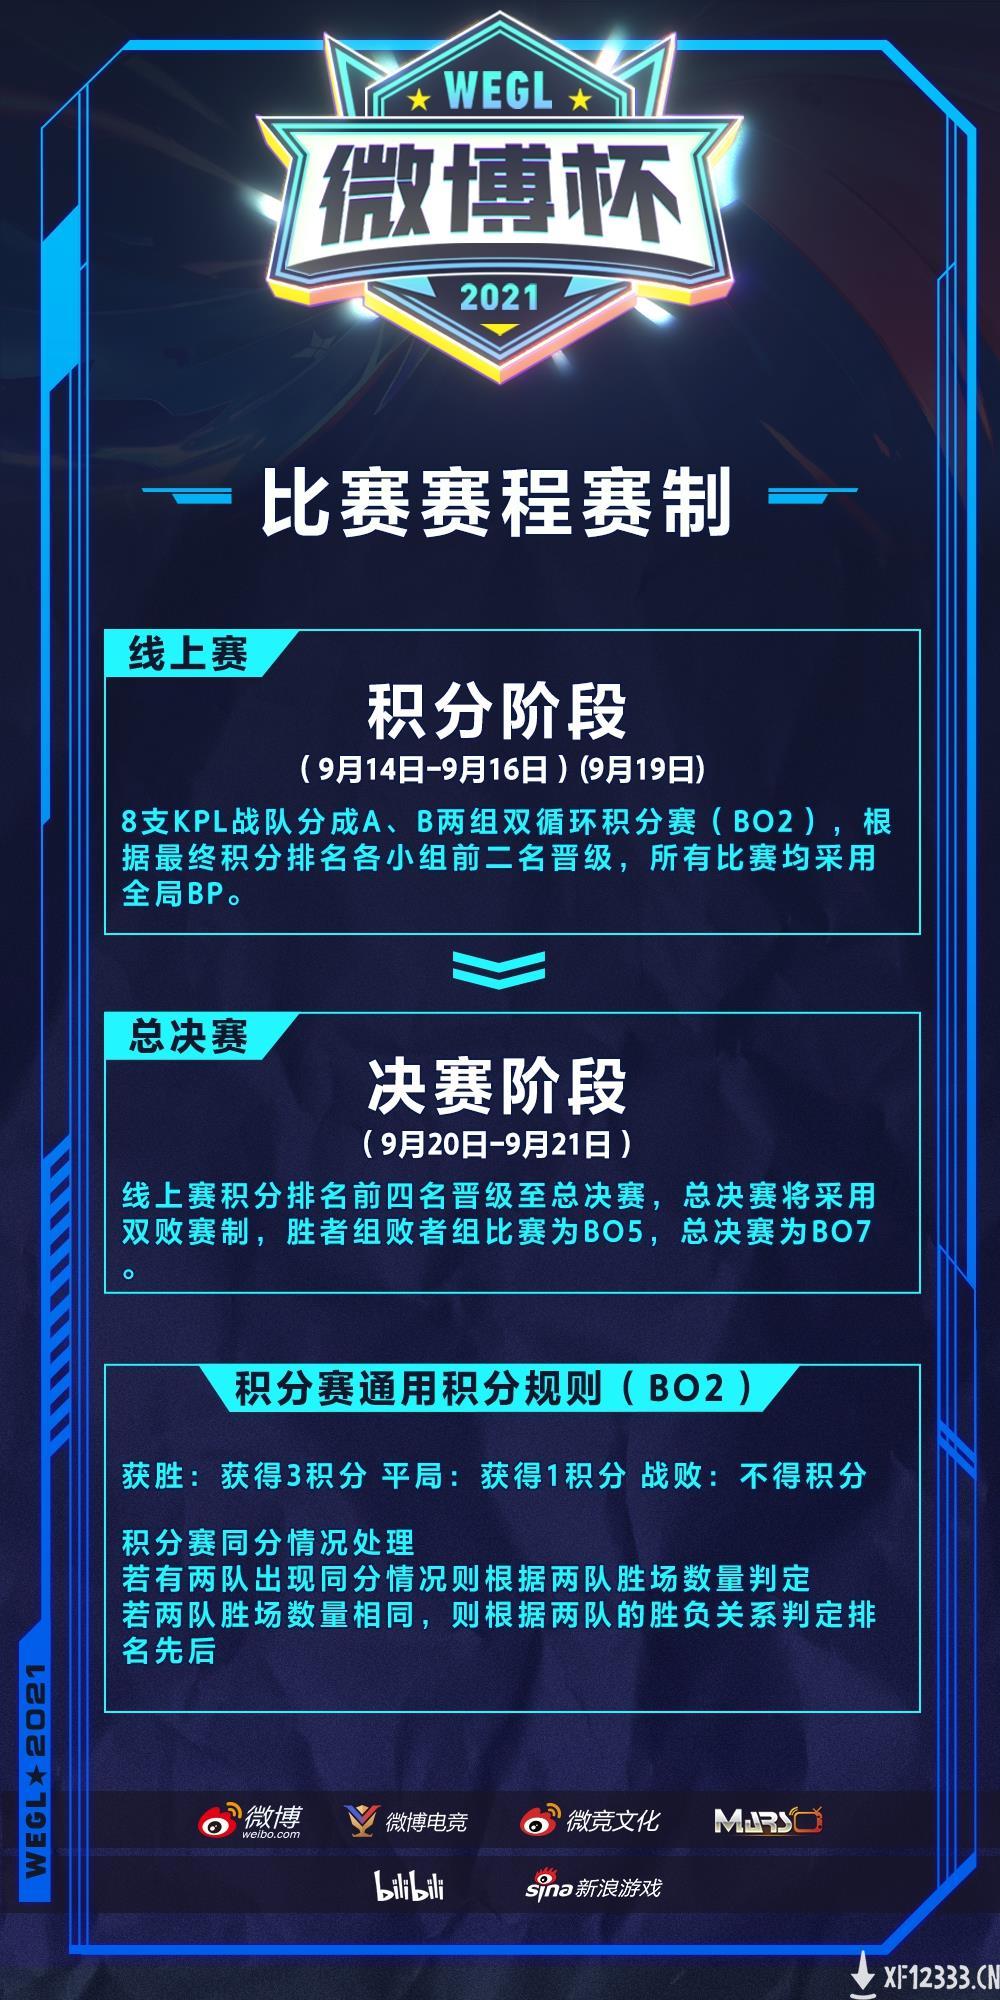 8支KPL战队竞逐荣耀!2021第二届王者荣耀微博杯今日开战